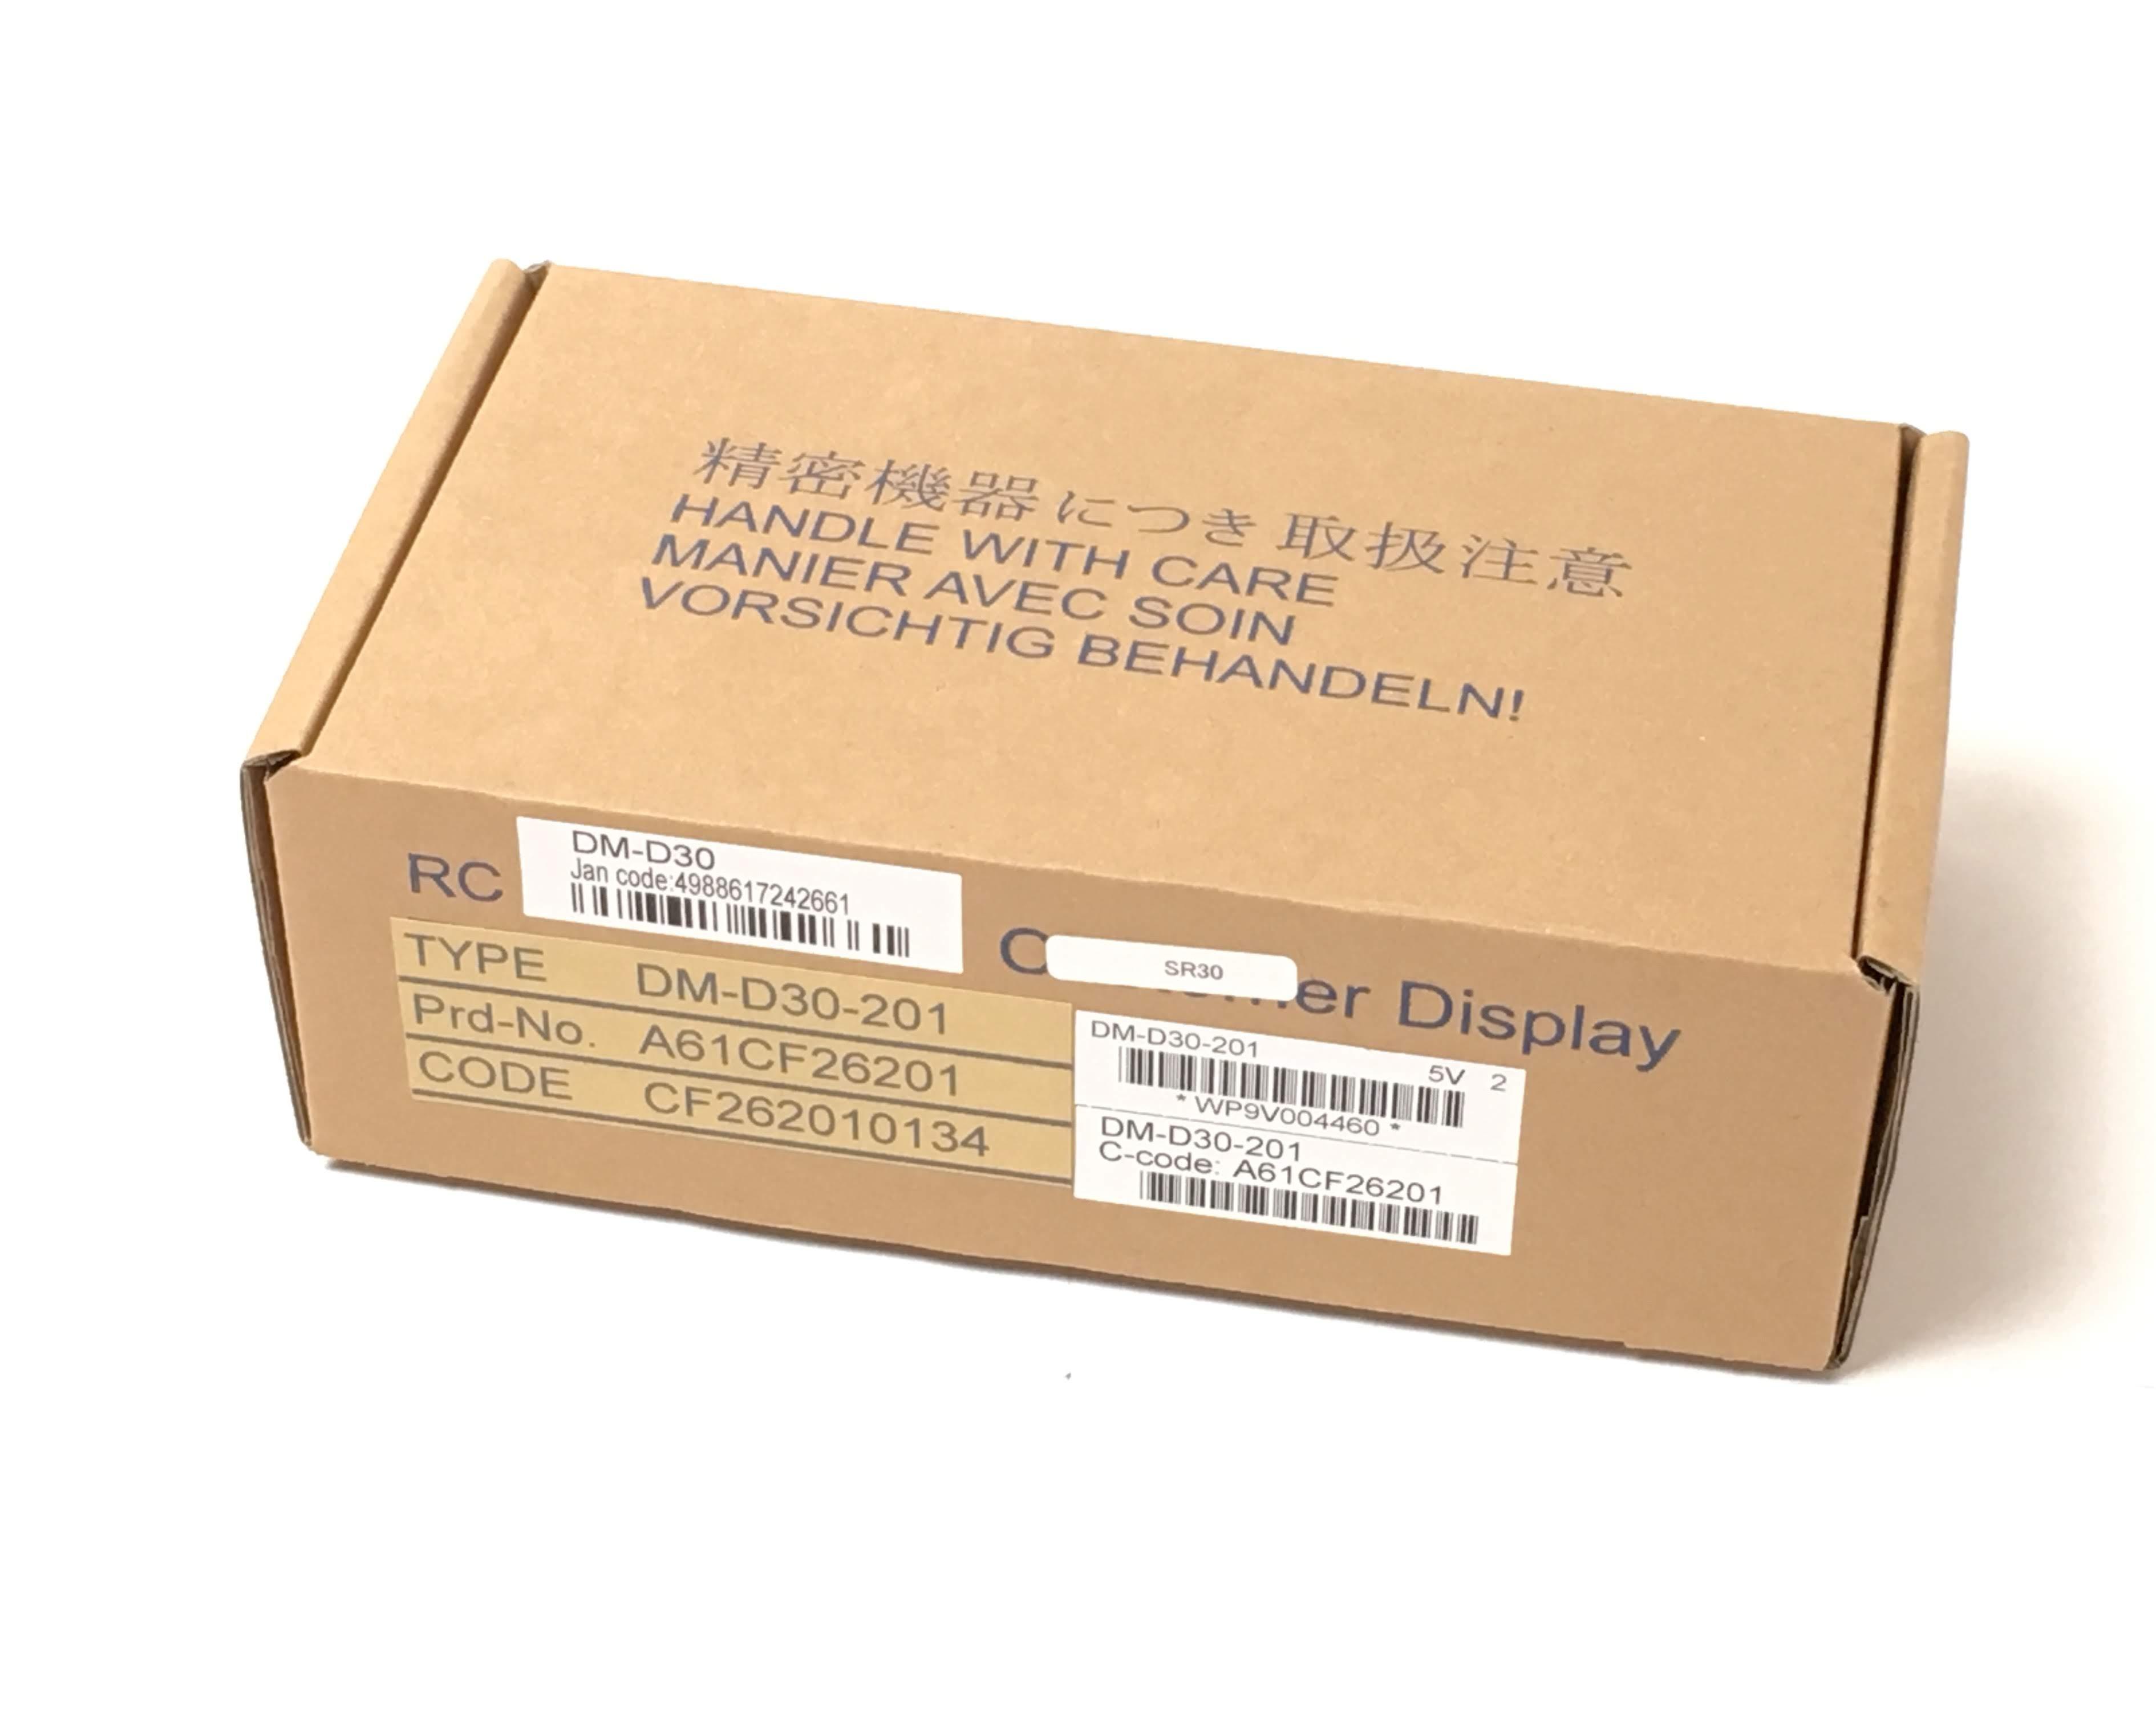 【新品】 EPSON カスタマディスプレイ DM-D30(USB)ホワイト メイン画像